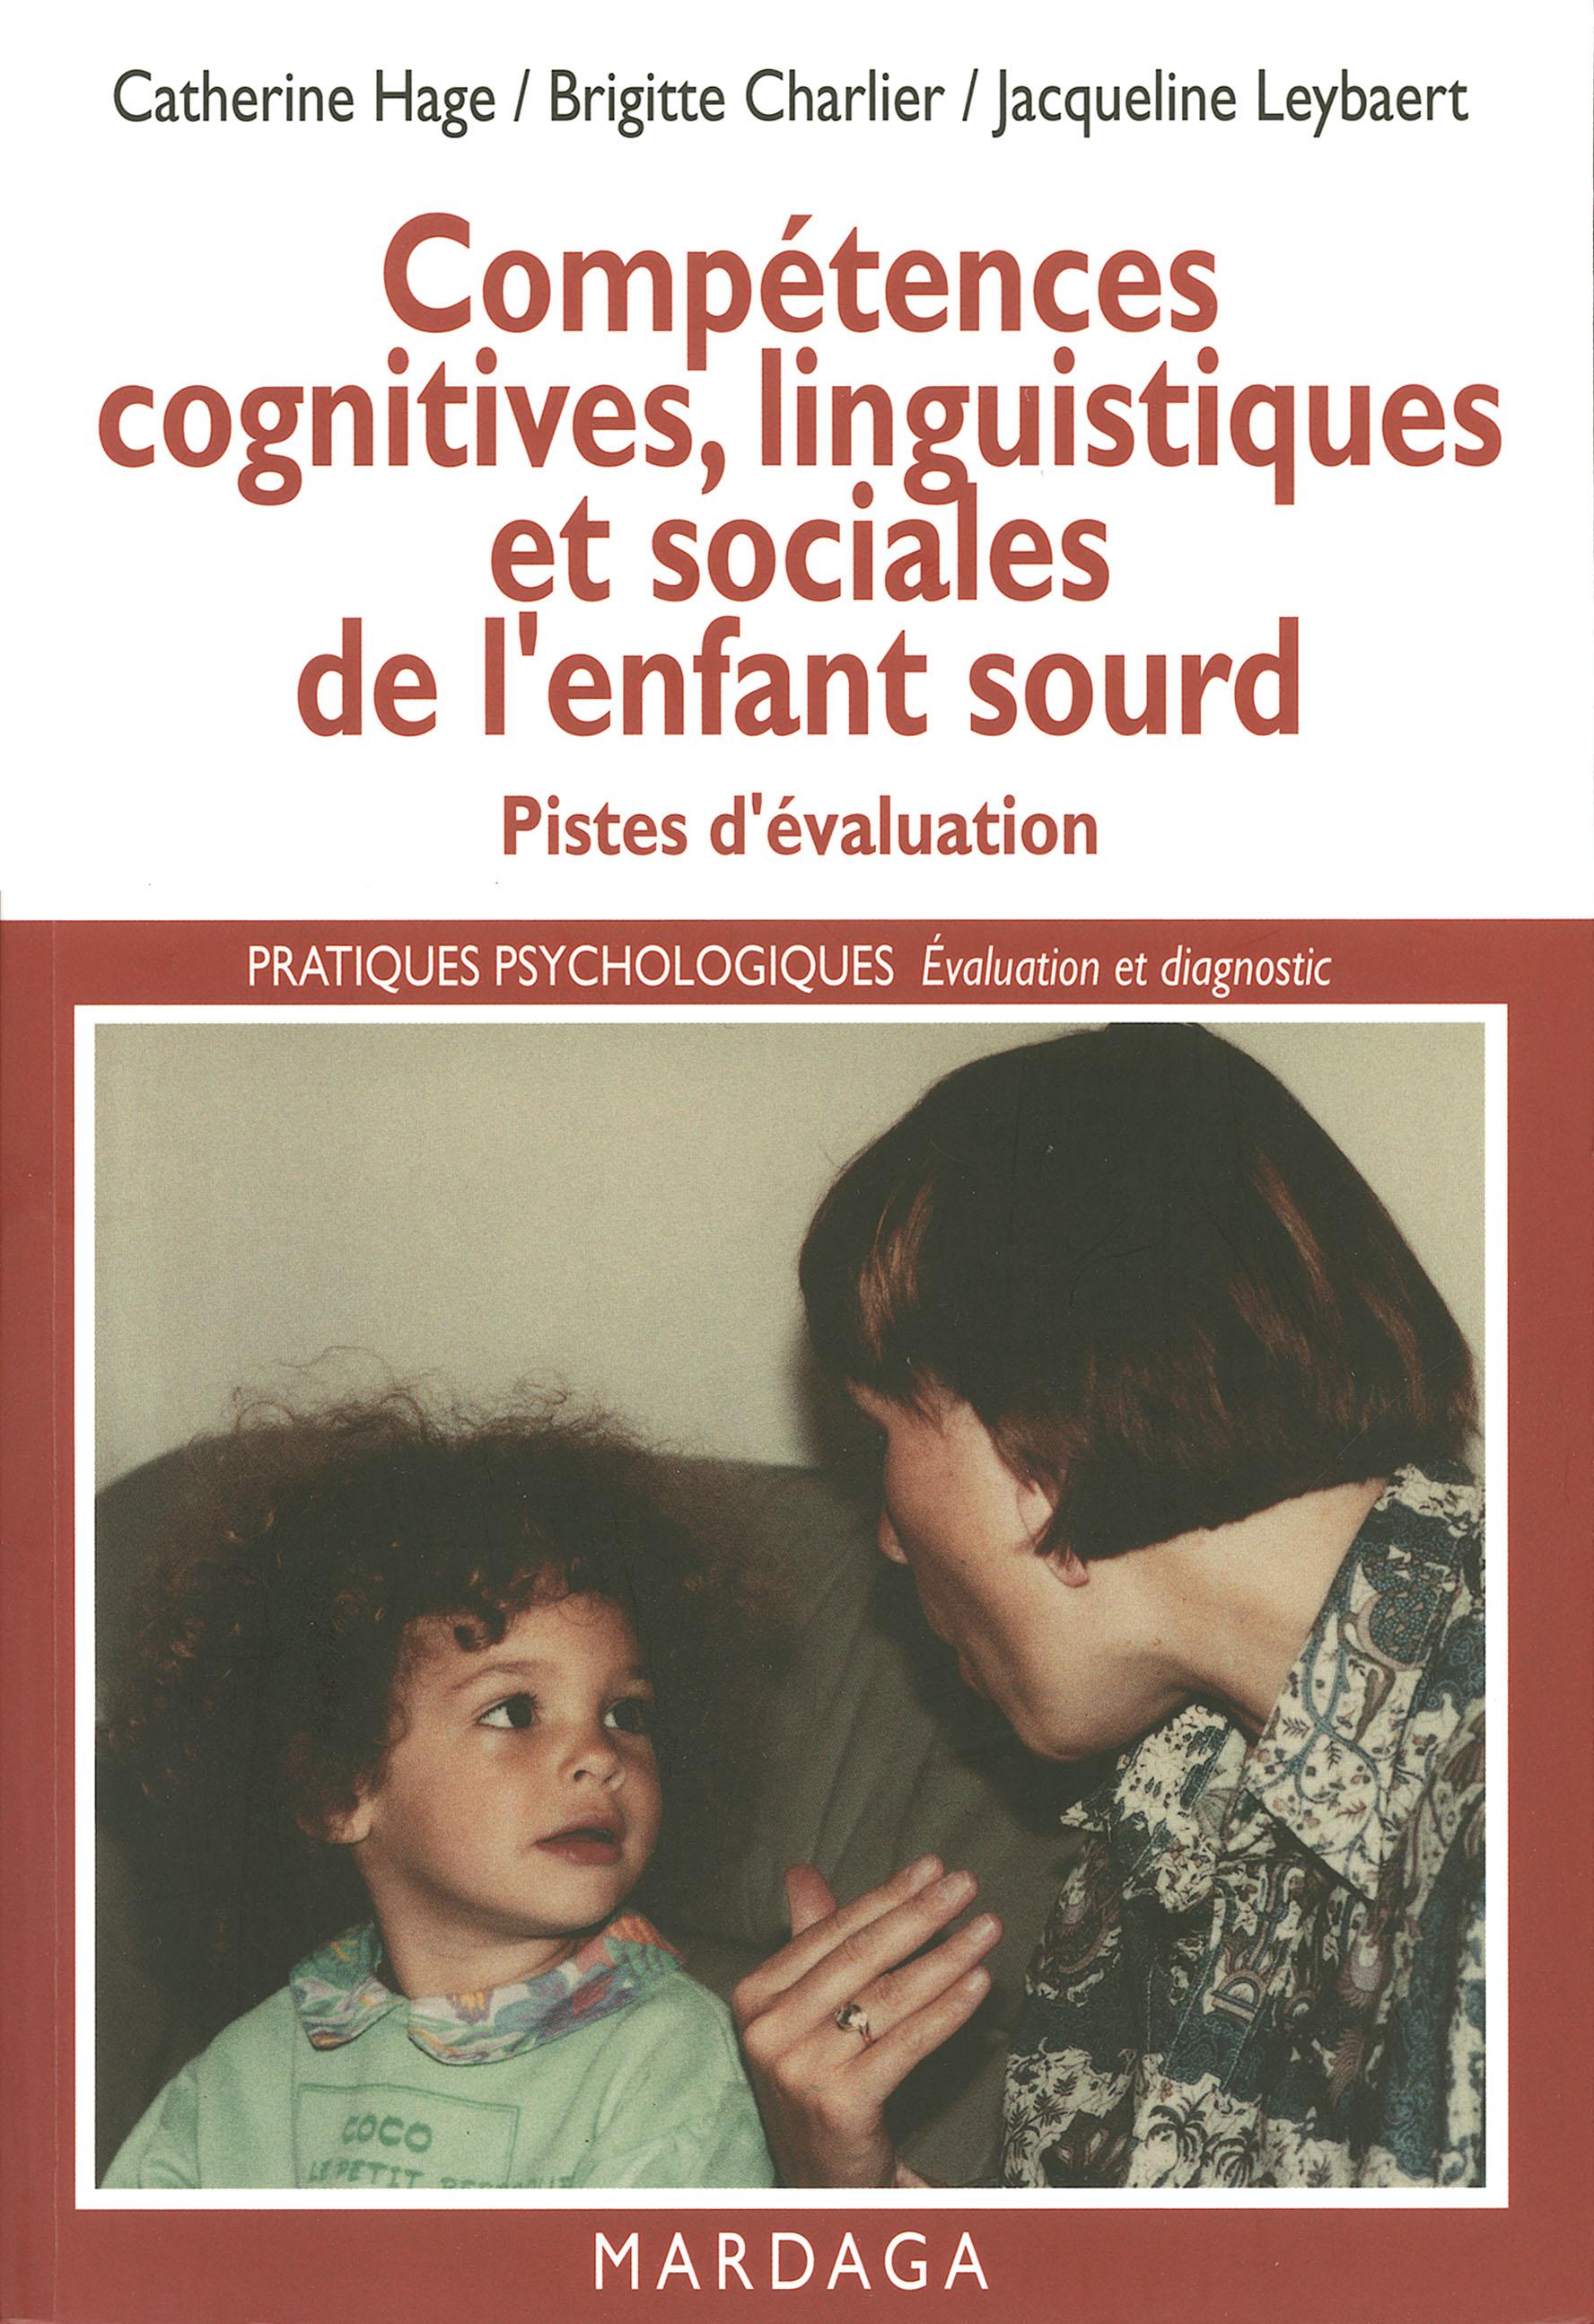 Compétences cognitives, linguistiques et sociales de l'enfant sourd, Pistes d'évaluation de la déficience auditive